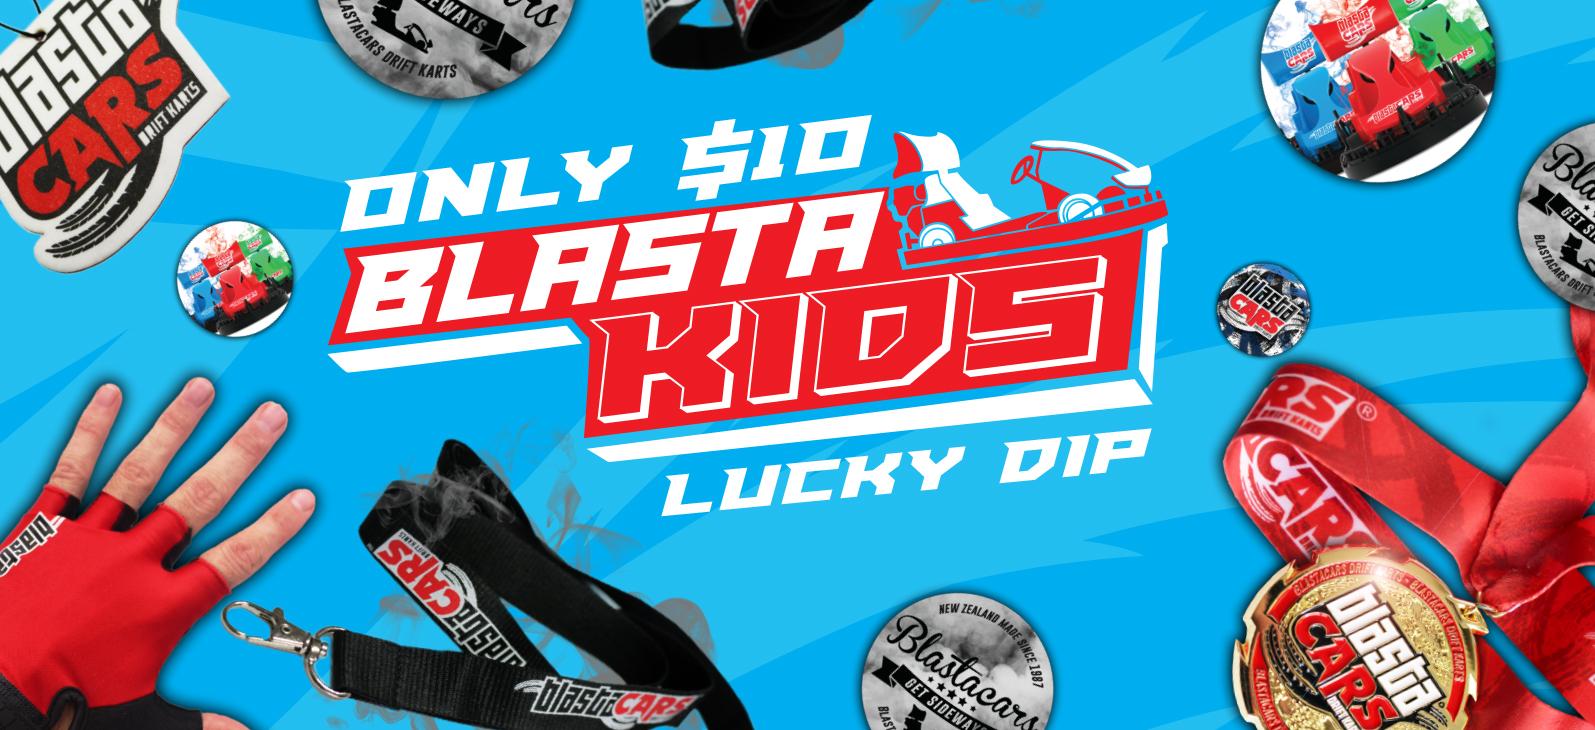 Blastacars Lucky Dip.jpg